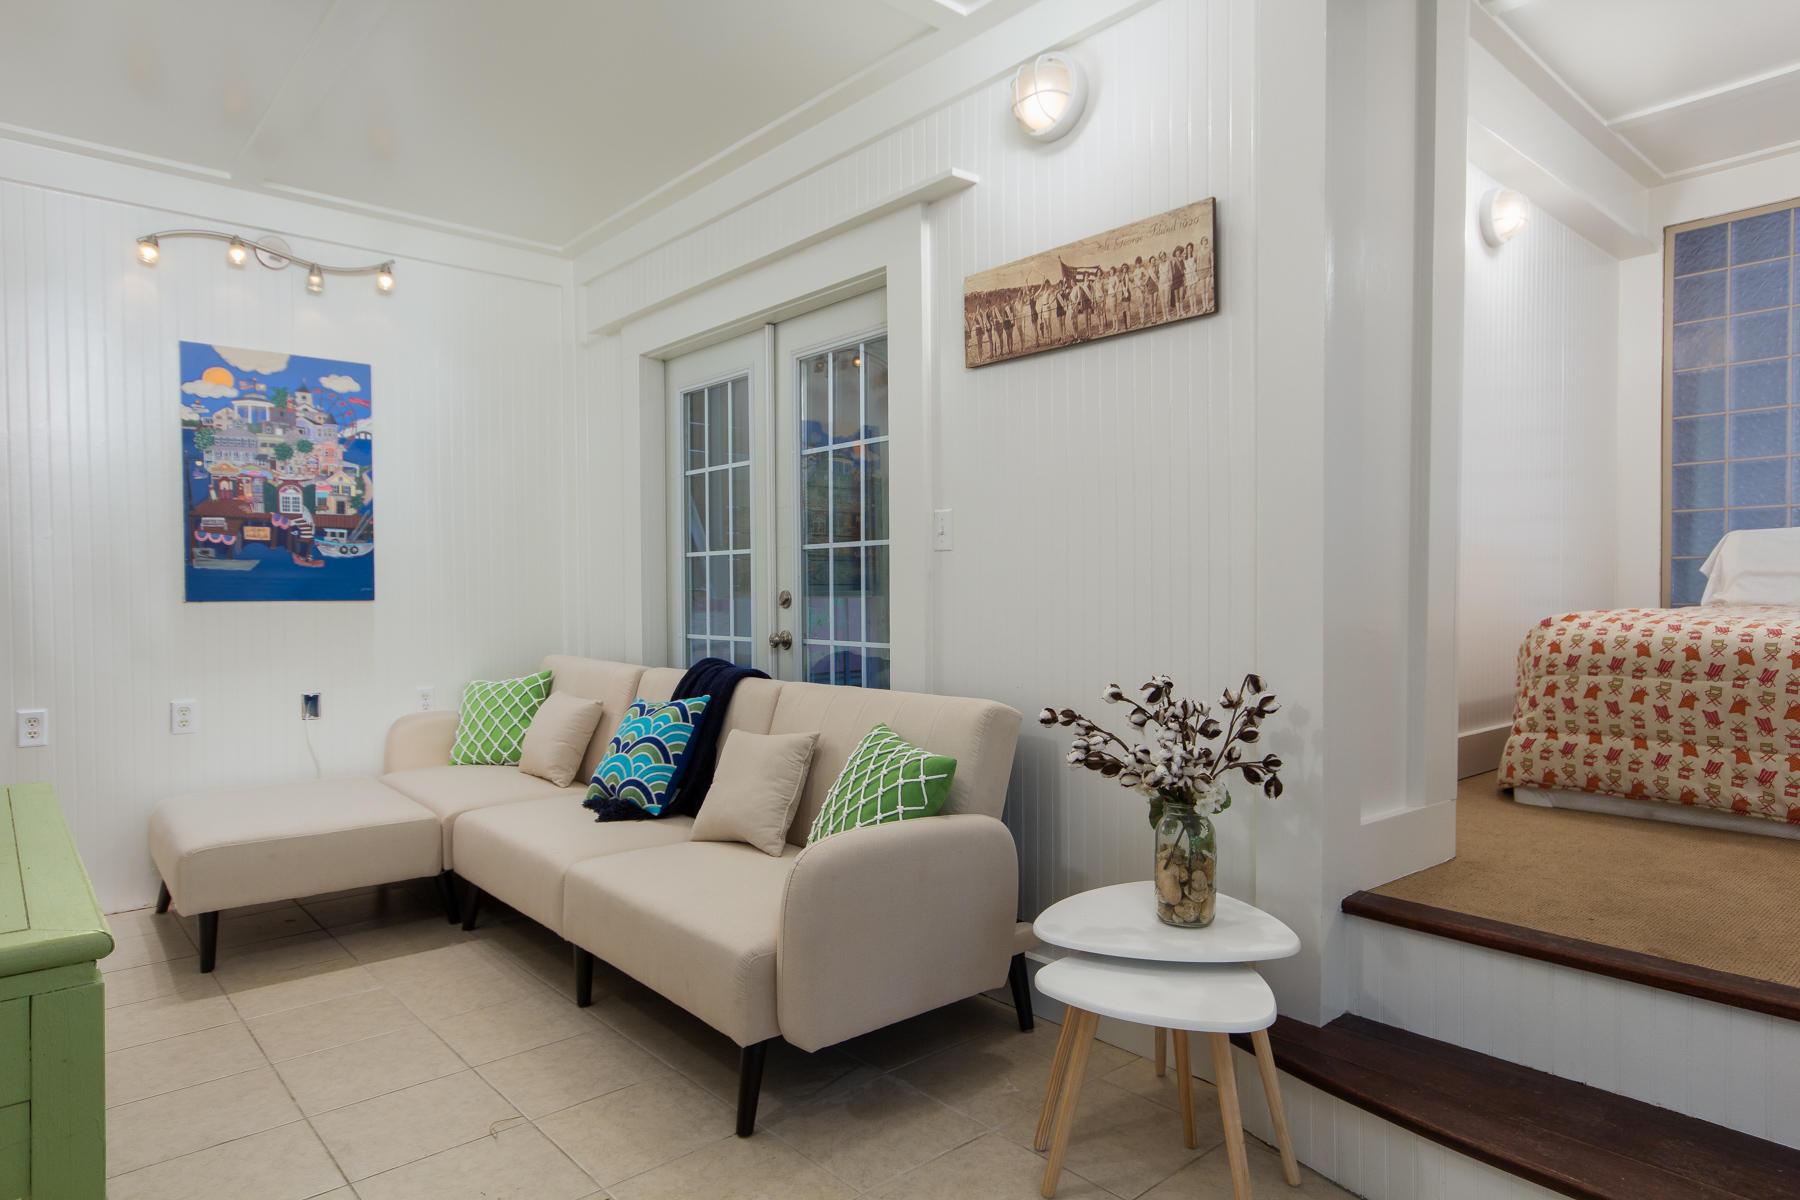 319 Defuniak,Santa Rosa Beach,Florida 32459,4 Bedrooms Bedrooms,4 BathroomsBathrooms,Detached single family,Defuniak,20131126143817002353000000